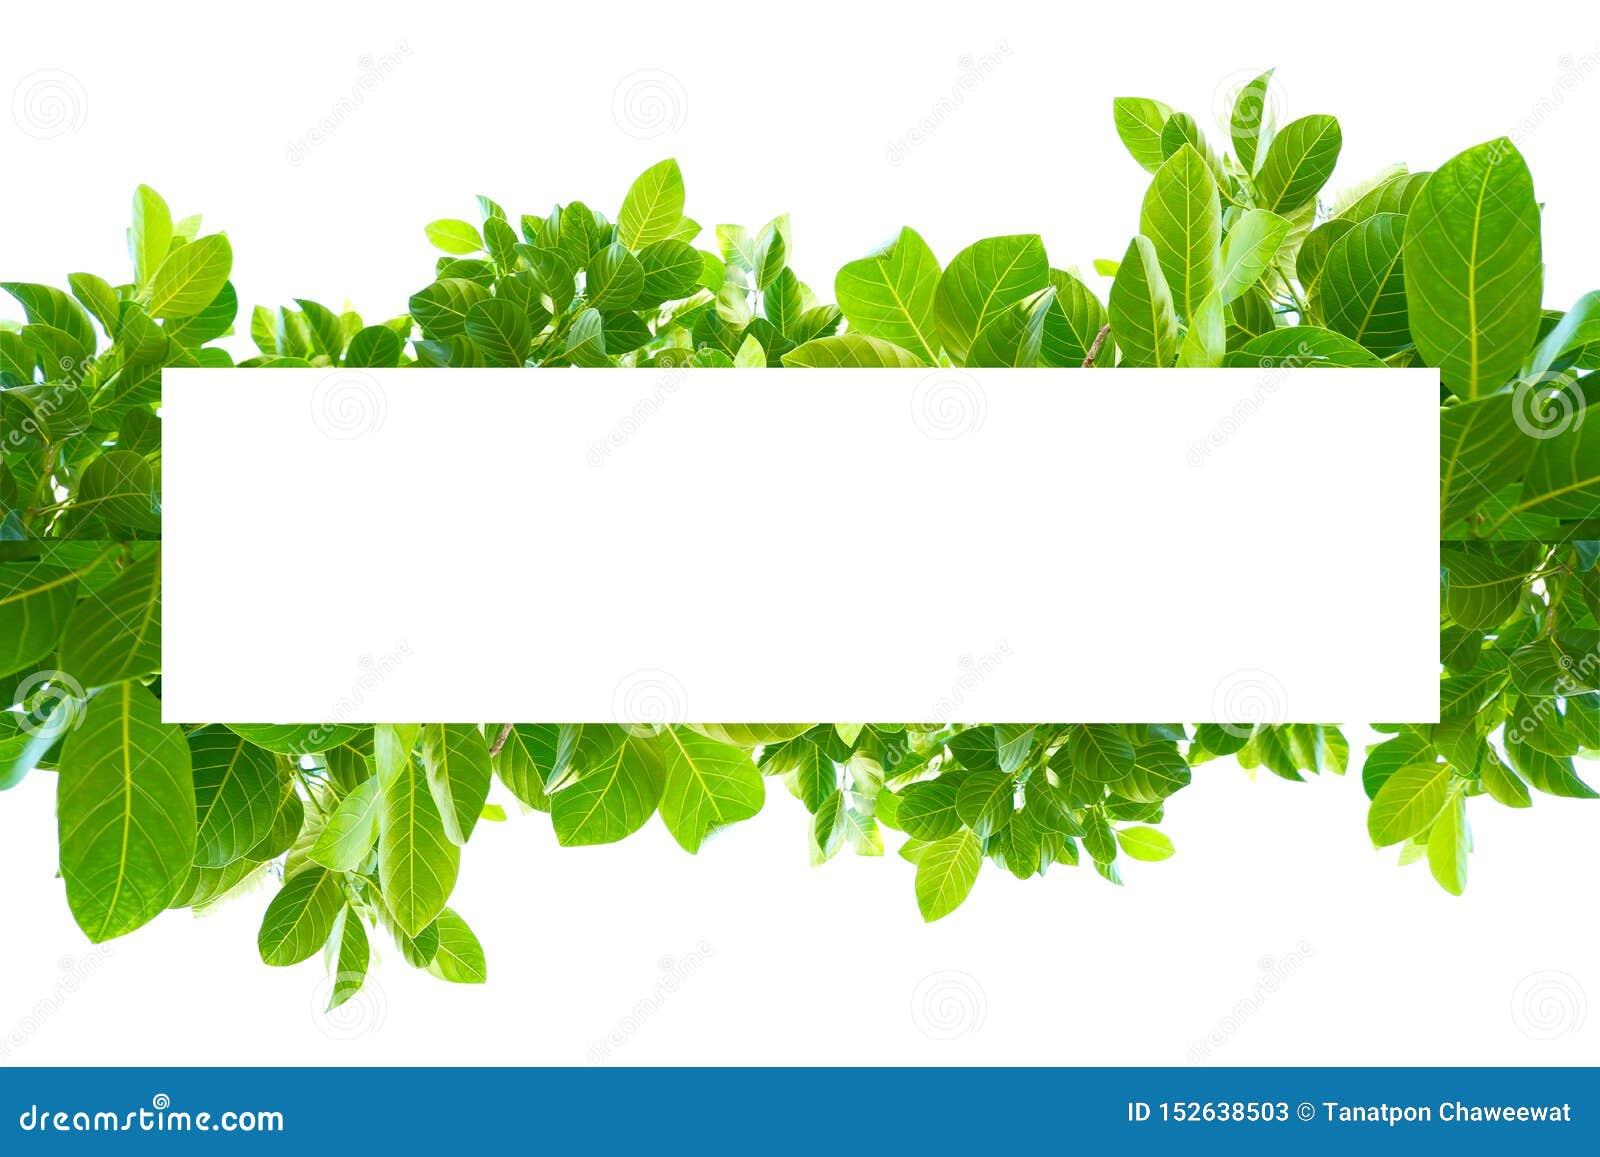 Азиатские тропические зеленые листья которые изолировали на белой предпосылке